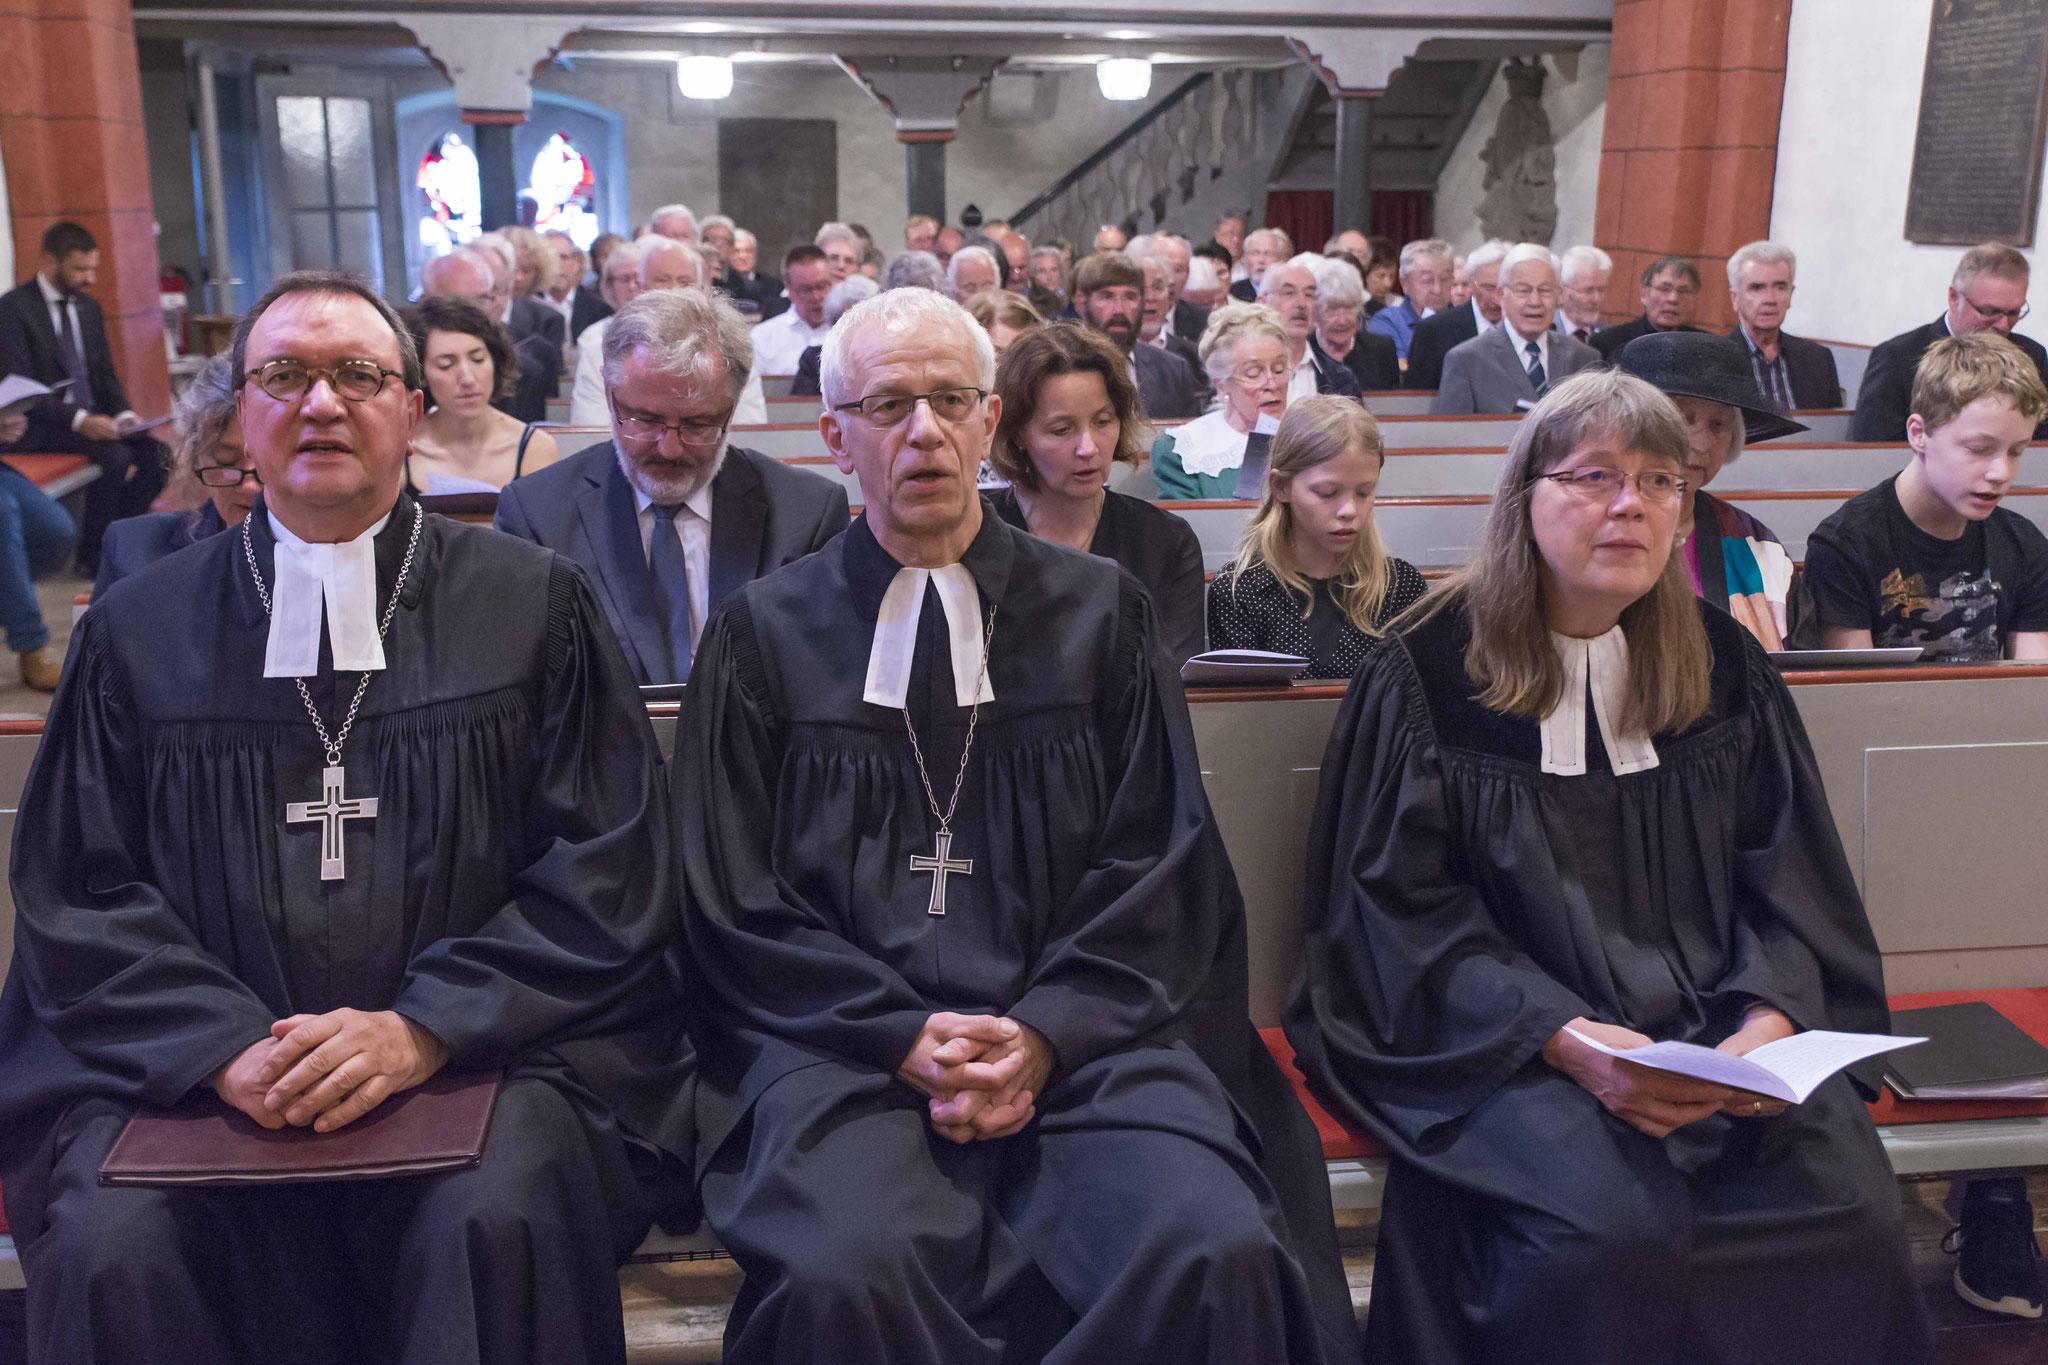 Bischof Prof. Dr. Martin Hein, Propst Helmut Wöllenstein, Pfarrerin Barbara Grenz. Dahinter Angehörige und Gottesdienstbesucher